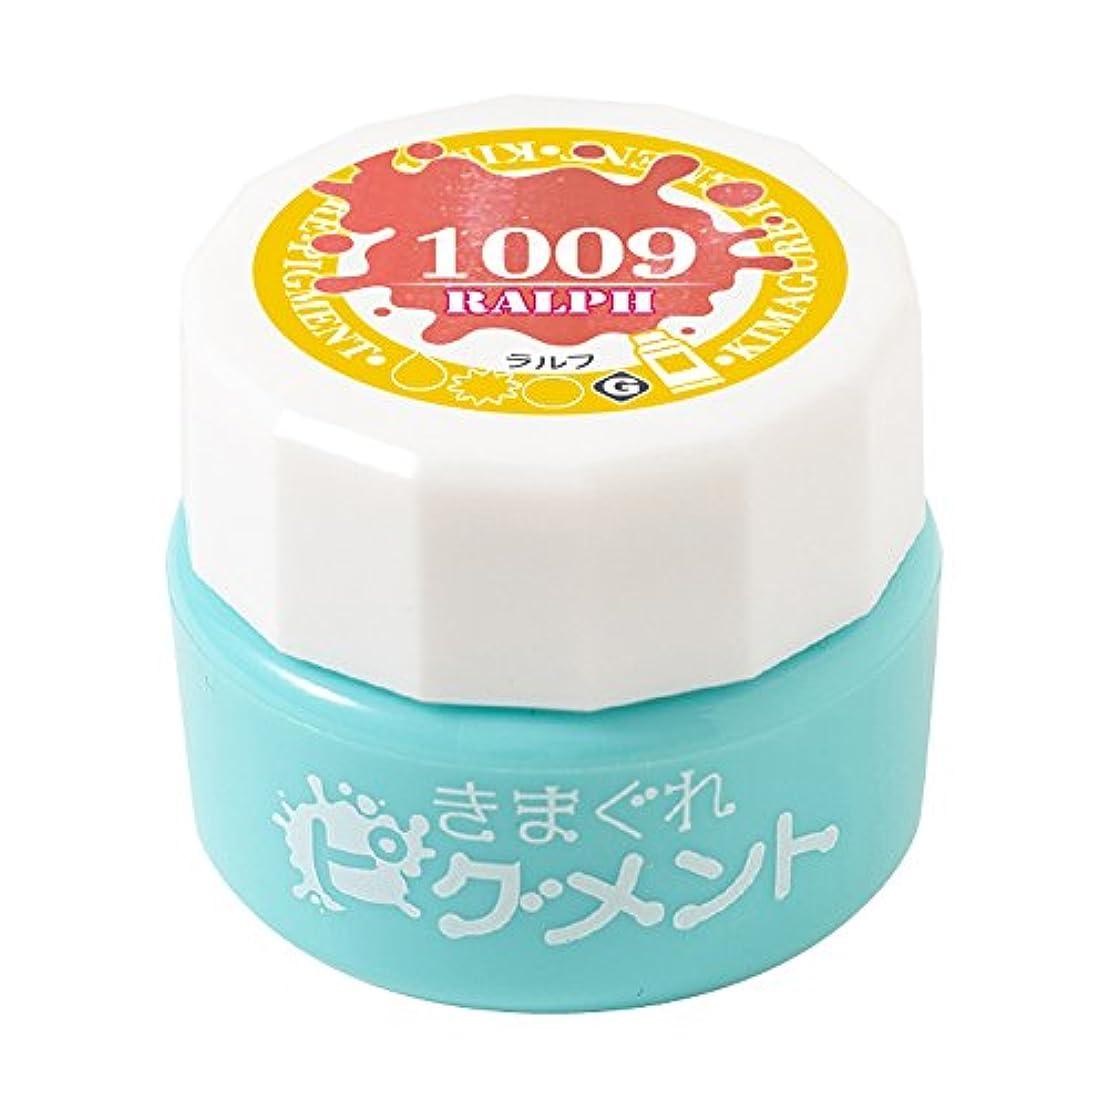 栄養新しさ水曜日Bettygel きまぐれピグメント ラルフ QYJ-1009 4g UV/LED対応